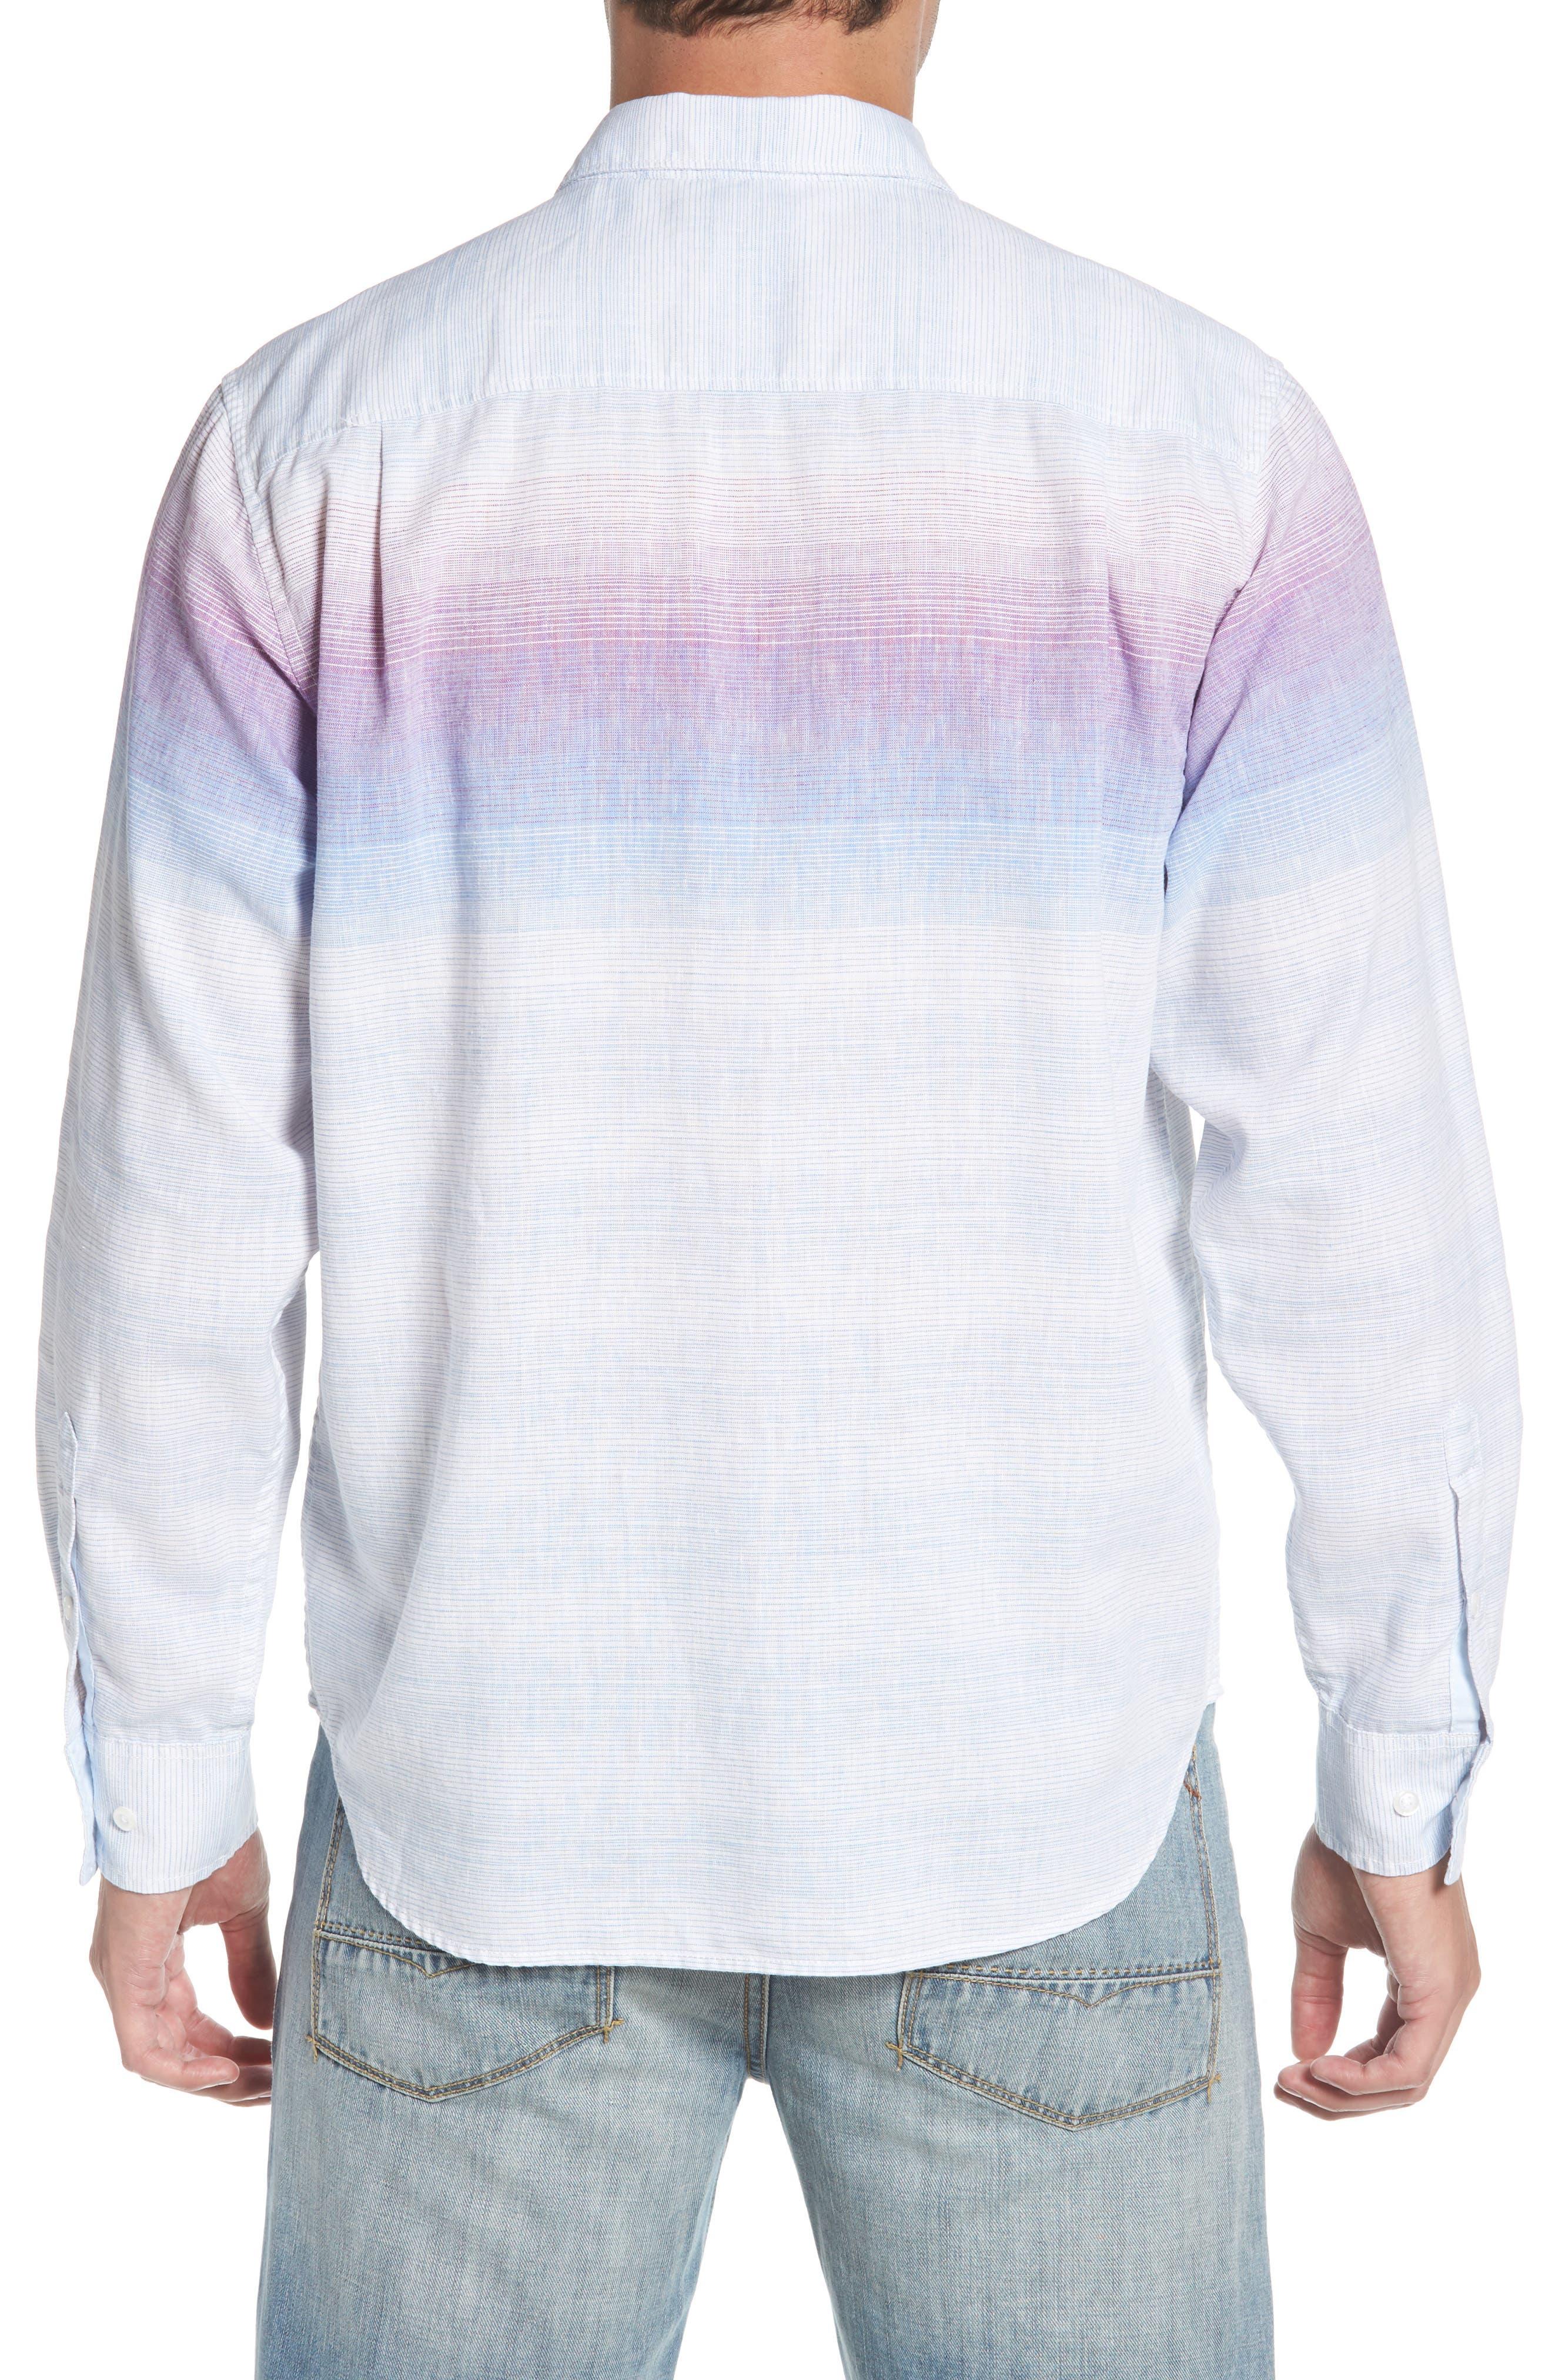 Sunset Ombré Linen Blend Sport Shirt,                             Alternate thumbnail 3, color,                             White